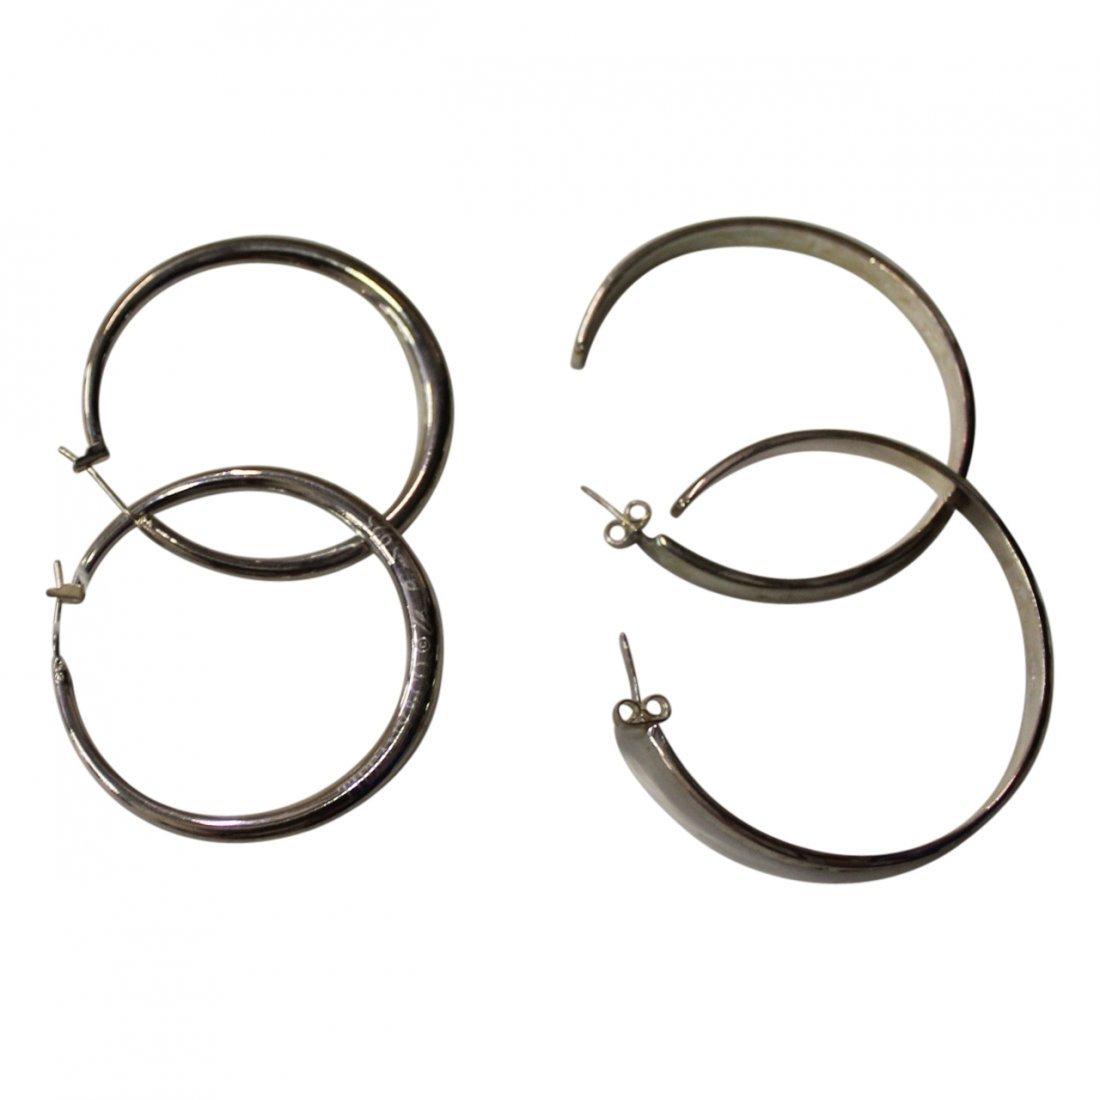 2 Pairs of Tiffany Sterling Hoop Earrings